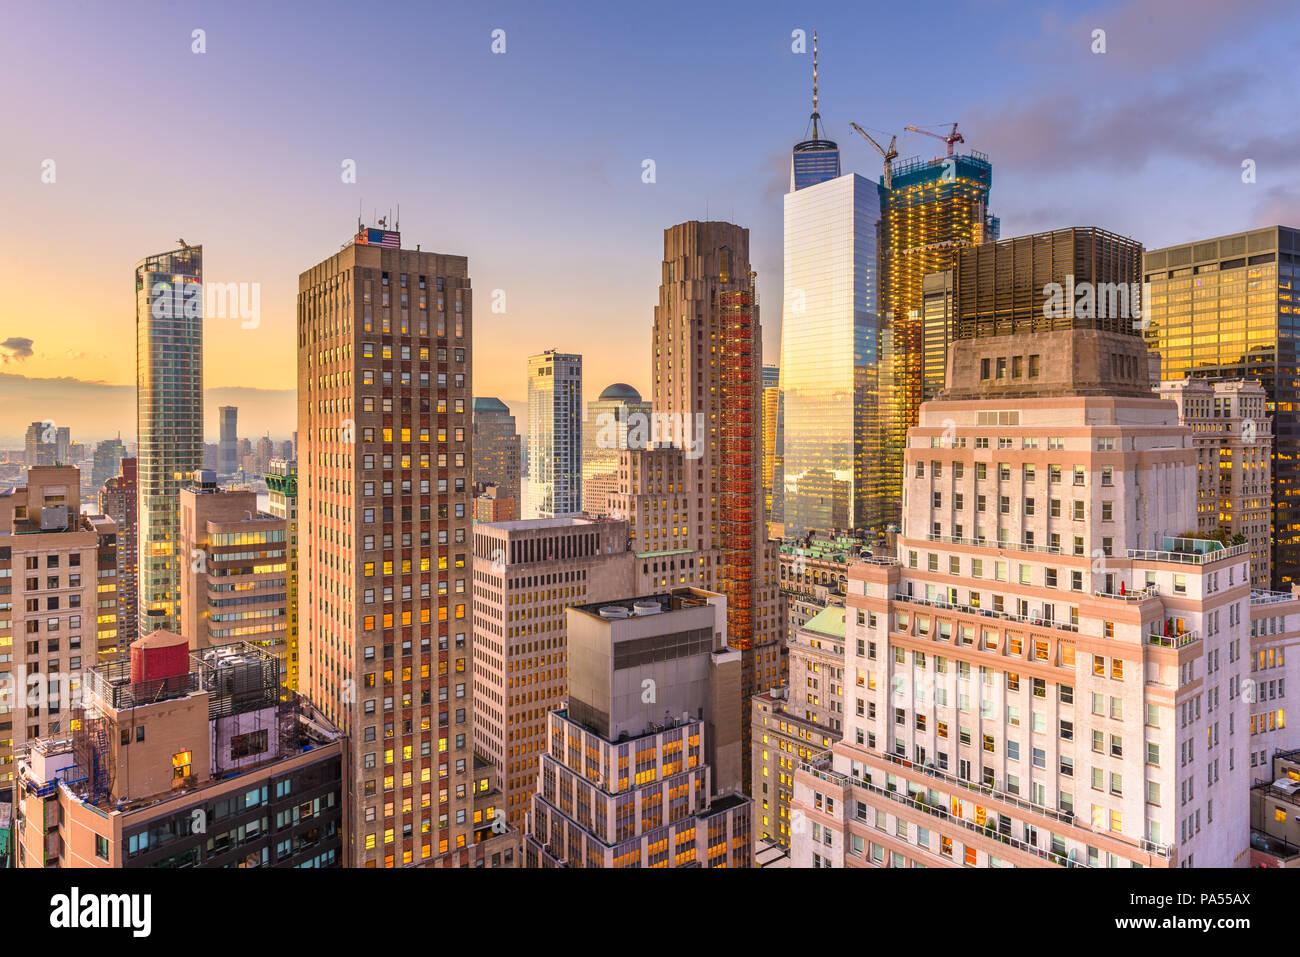 New York, New York, USA Lower Manhattan Financial District Stadtbild von oben in der Dämmerung. Stockbild